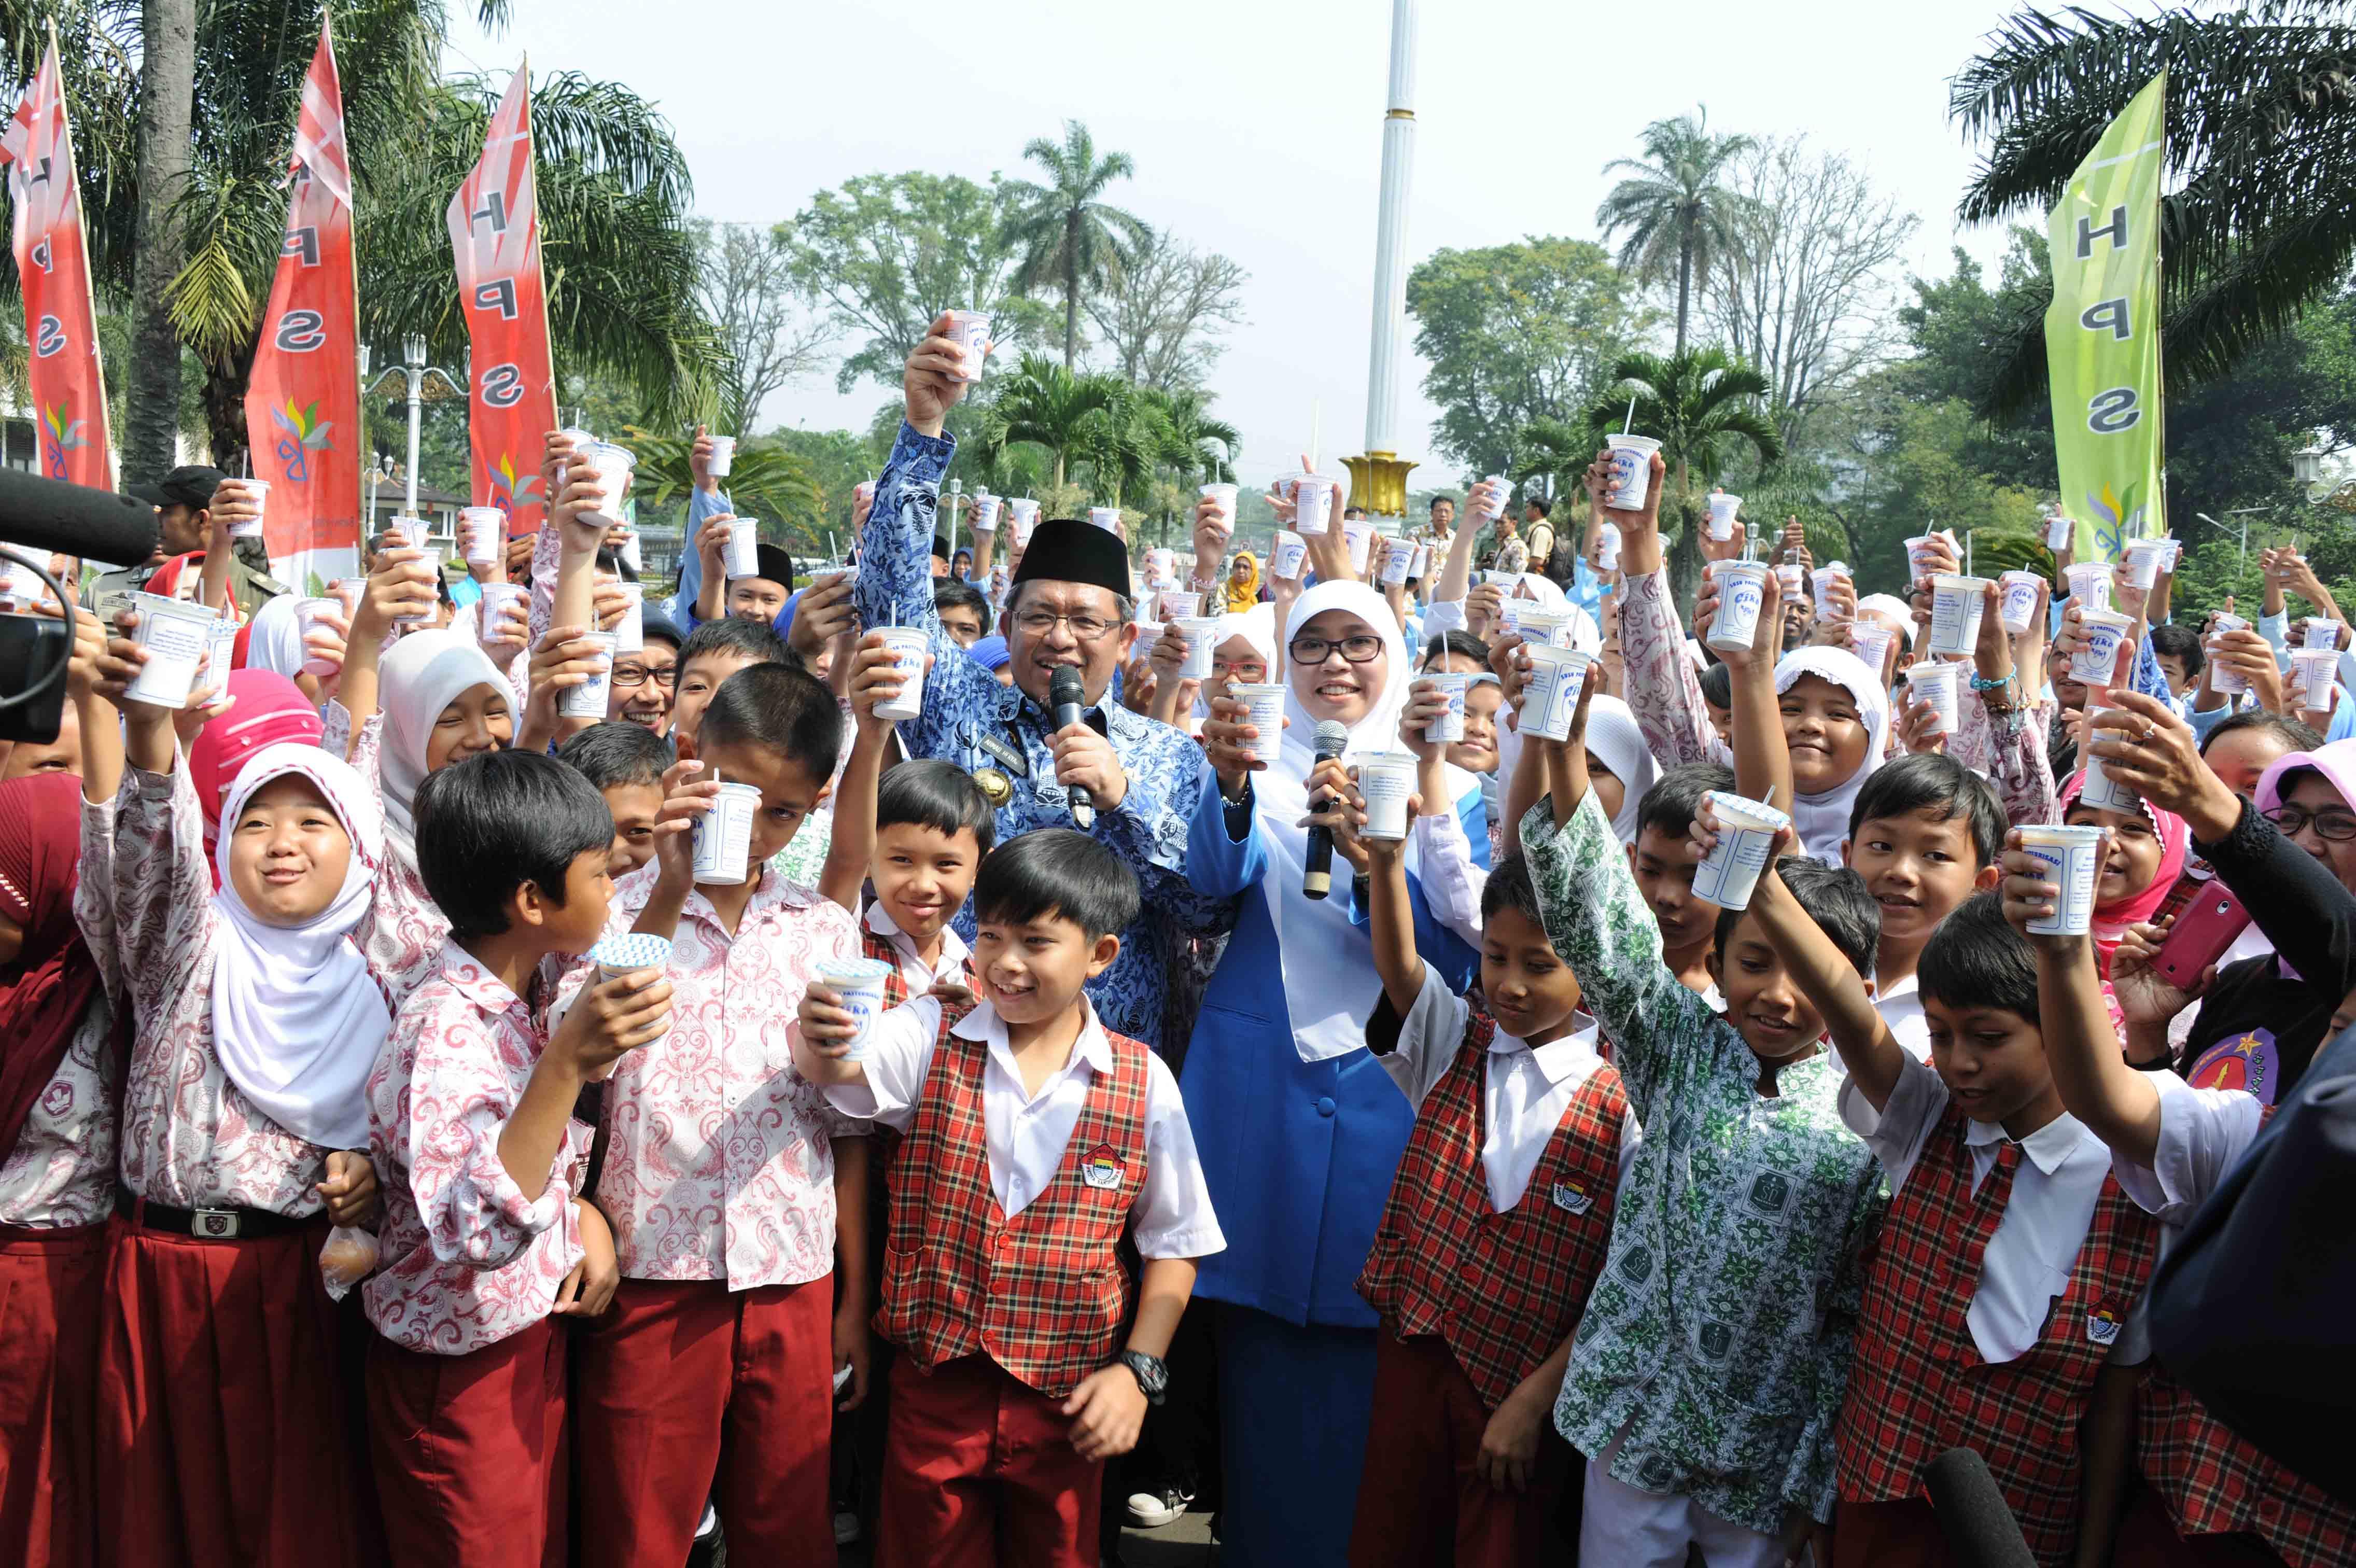 Gubernur Jabar Ahmad Heryawan didampingi Ibu Netty Heryawan minum susu dan makan telur ayam bersama puluhan anak SD di halaman Gedung Sate